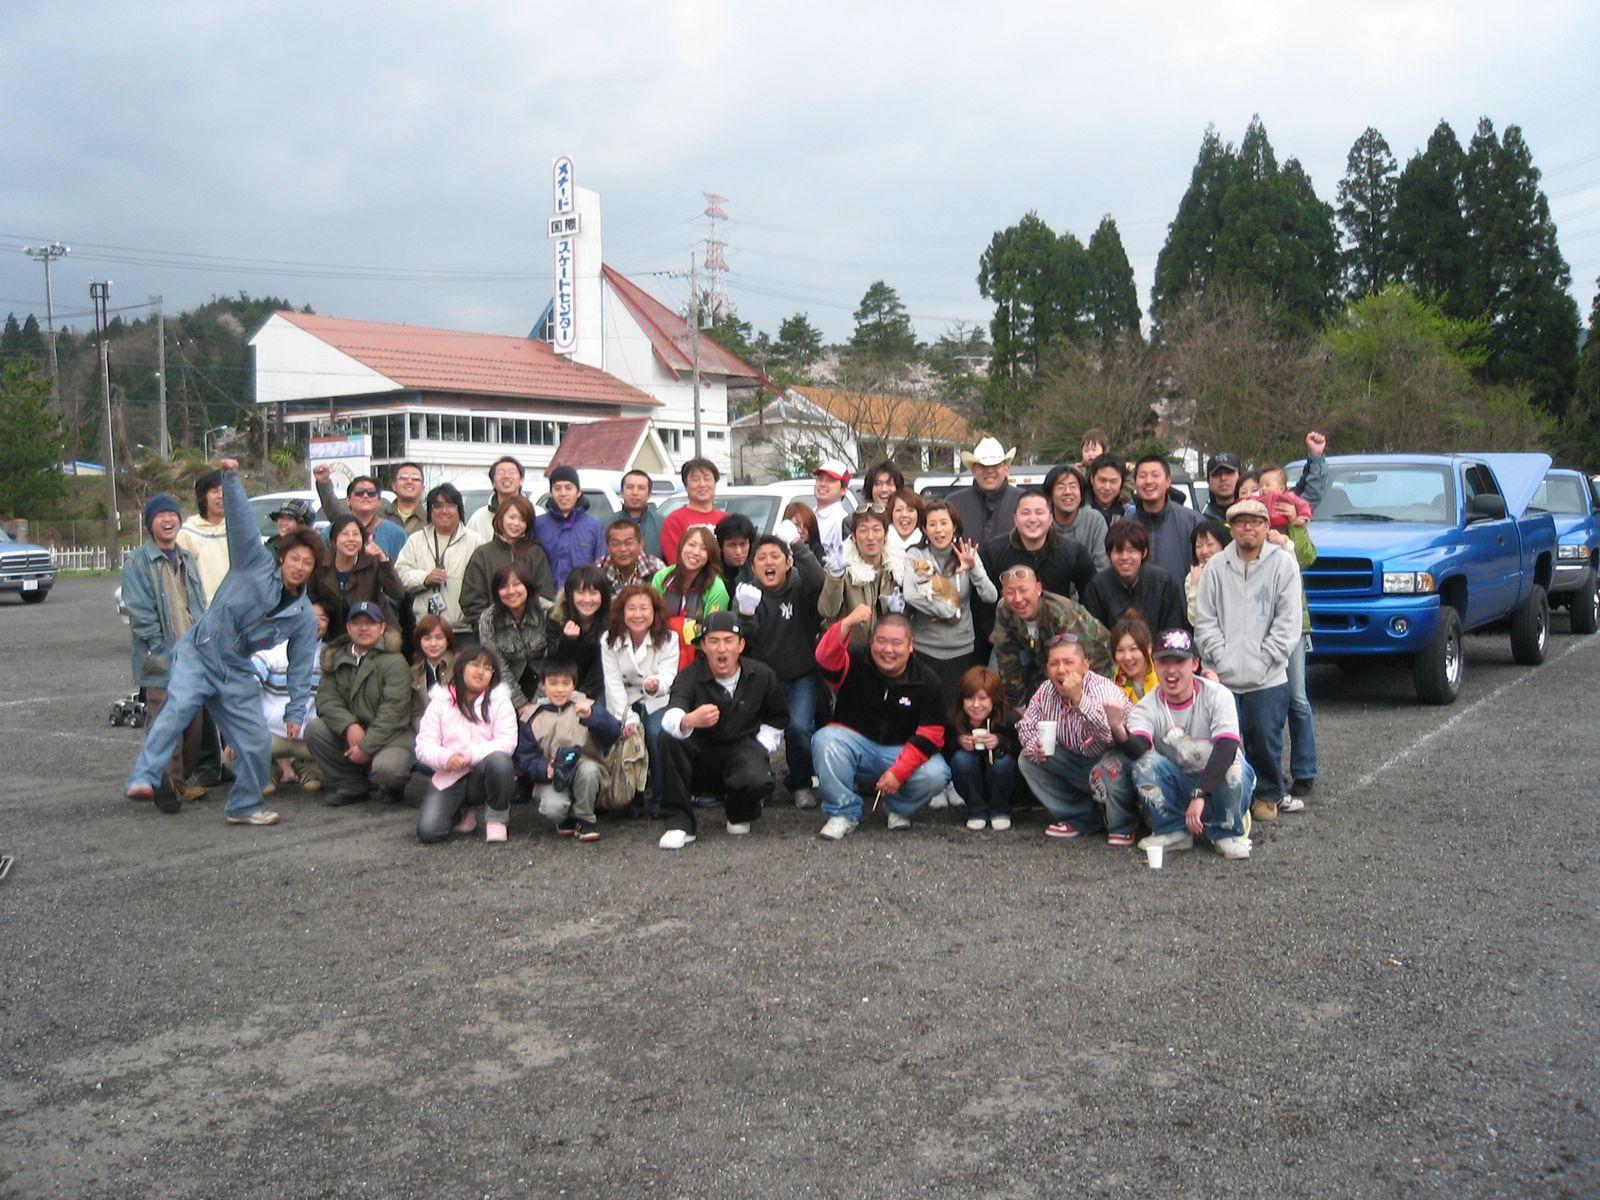 2006年4月16日 第2回ミーティングin関ヶ原